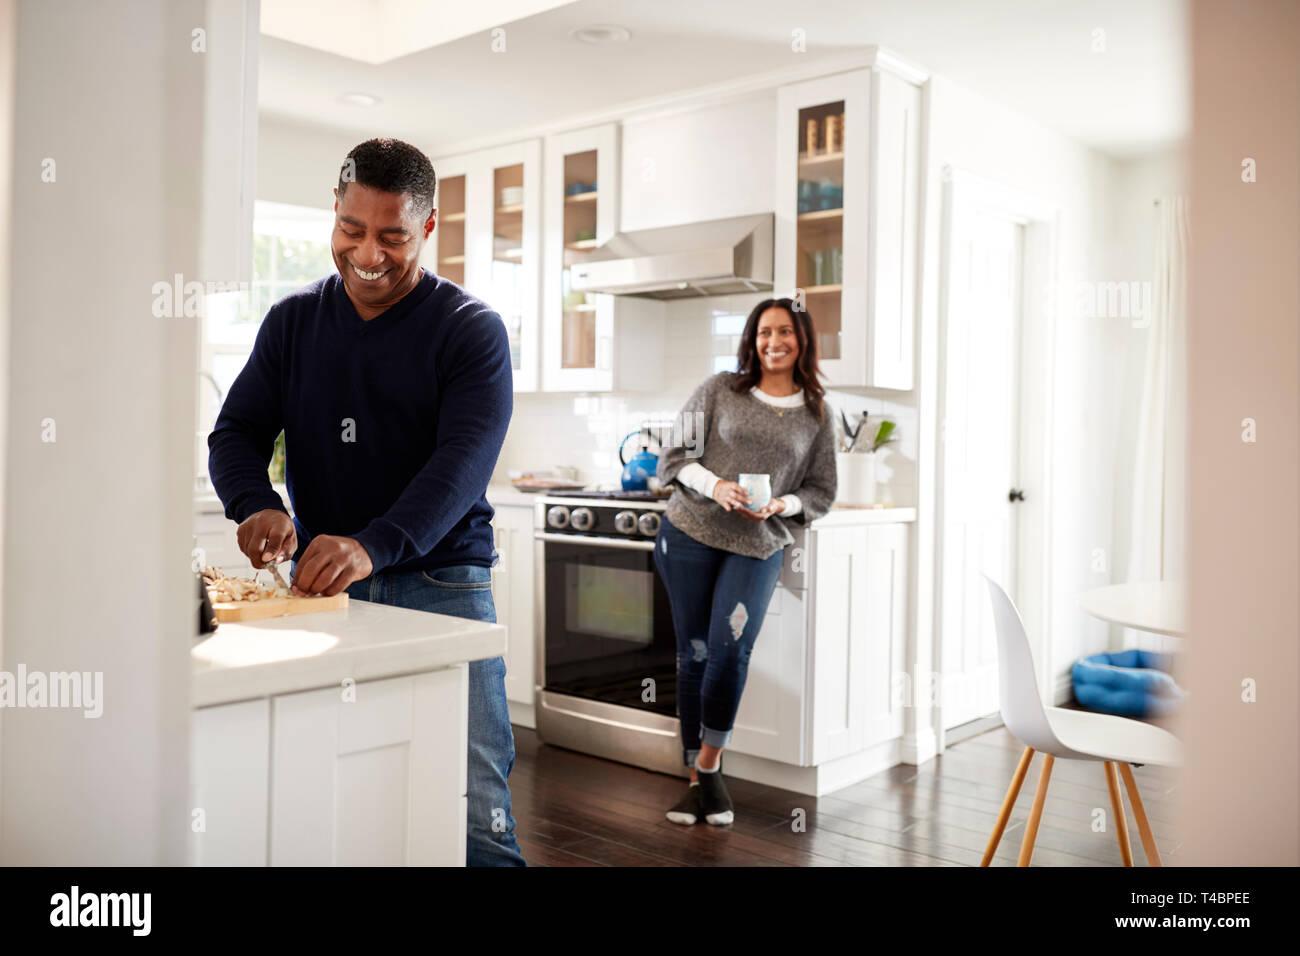 Un varón de mediana edad de pie en la encimera en la cocina preparando la comida, su compañero recostado en el mueble de cocina detrás de él hablando, el enfoque selectivo Foto de stock